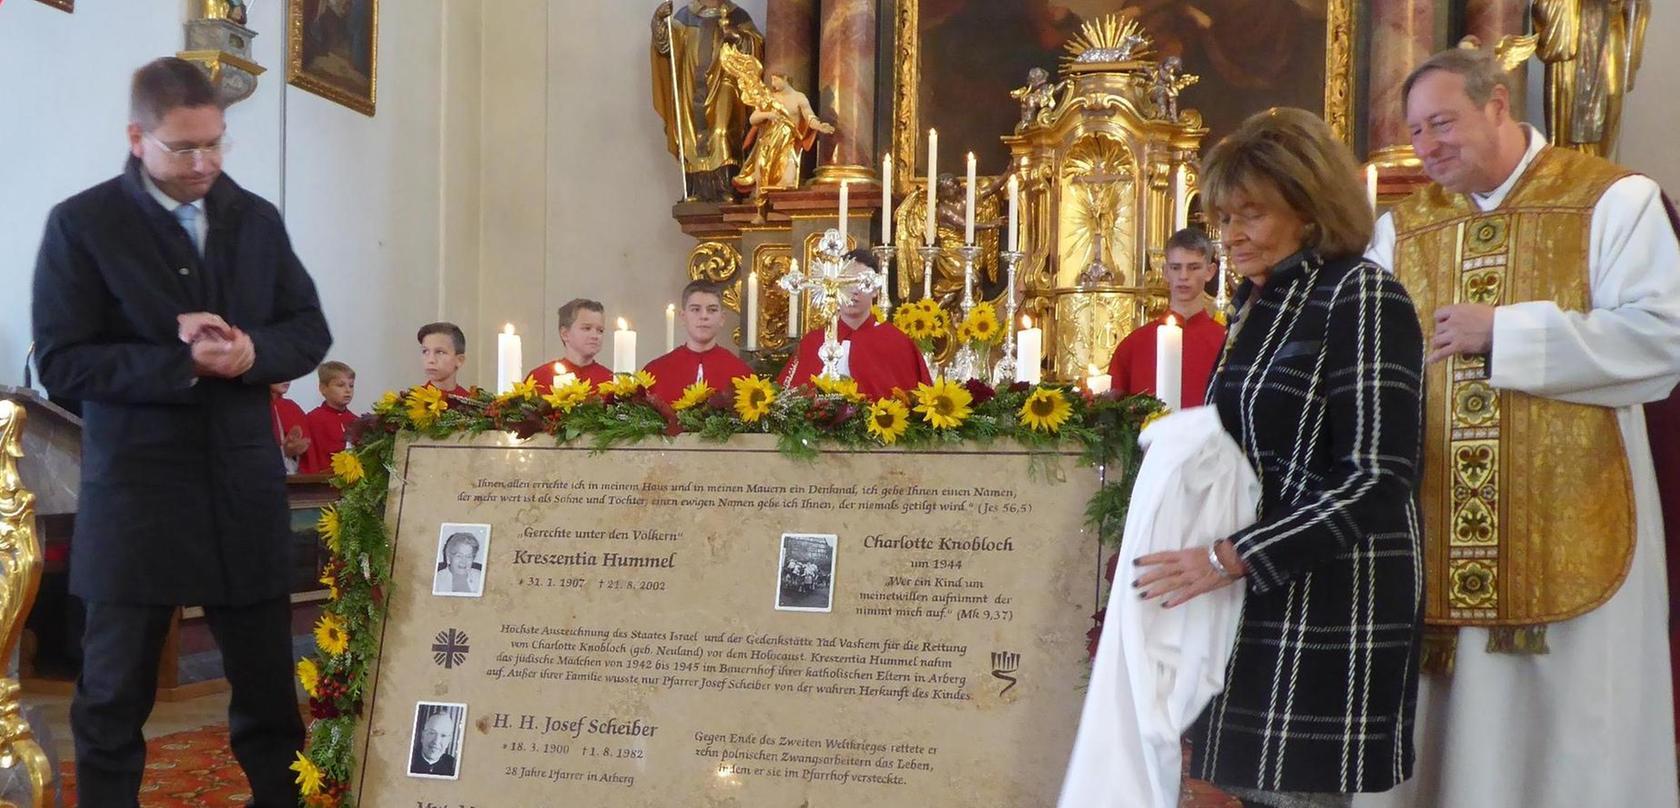 Ehrung für zwei tapfere Menschen: IKG-Präsidentin Charlotte Knobloch und der Ansbacher Landrat Jürgen Ludwig enthüllen die Gedenktafel.